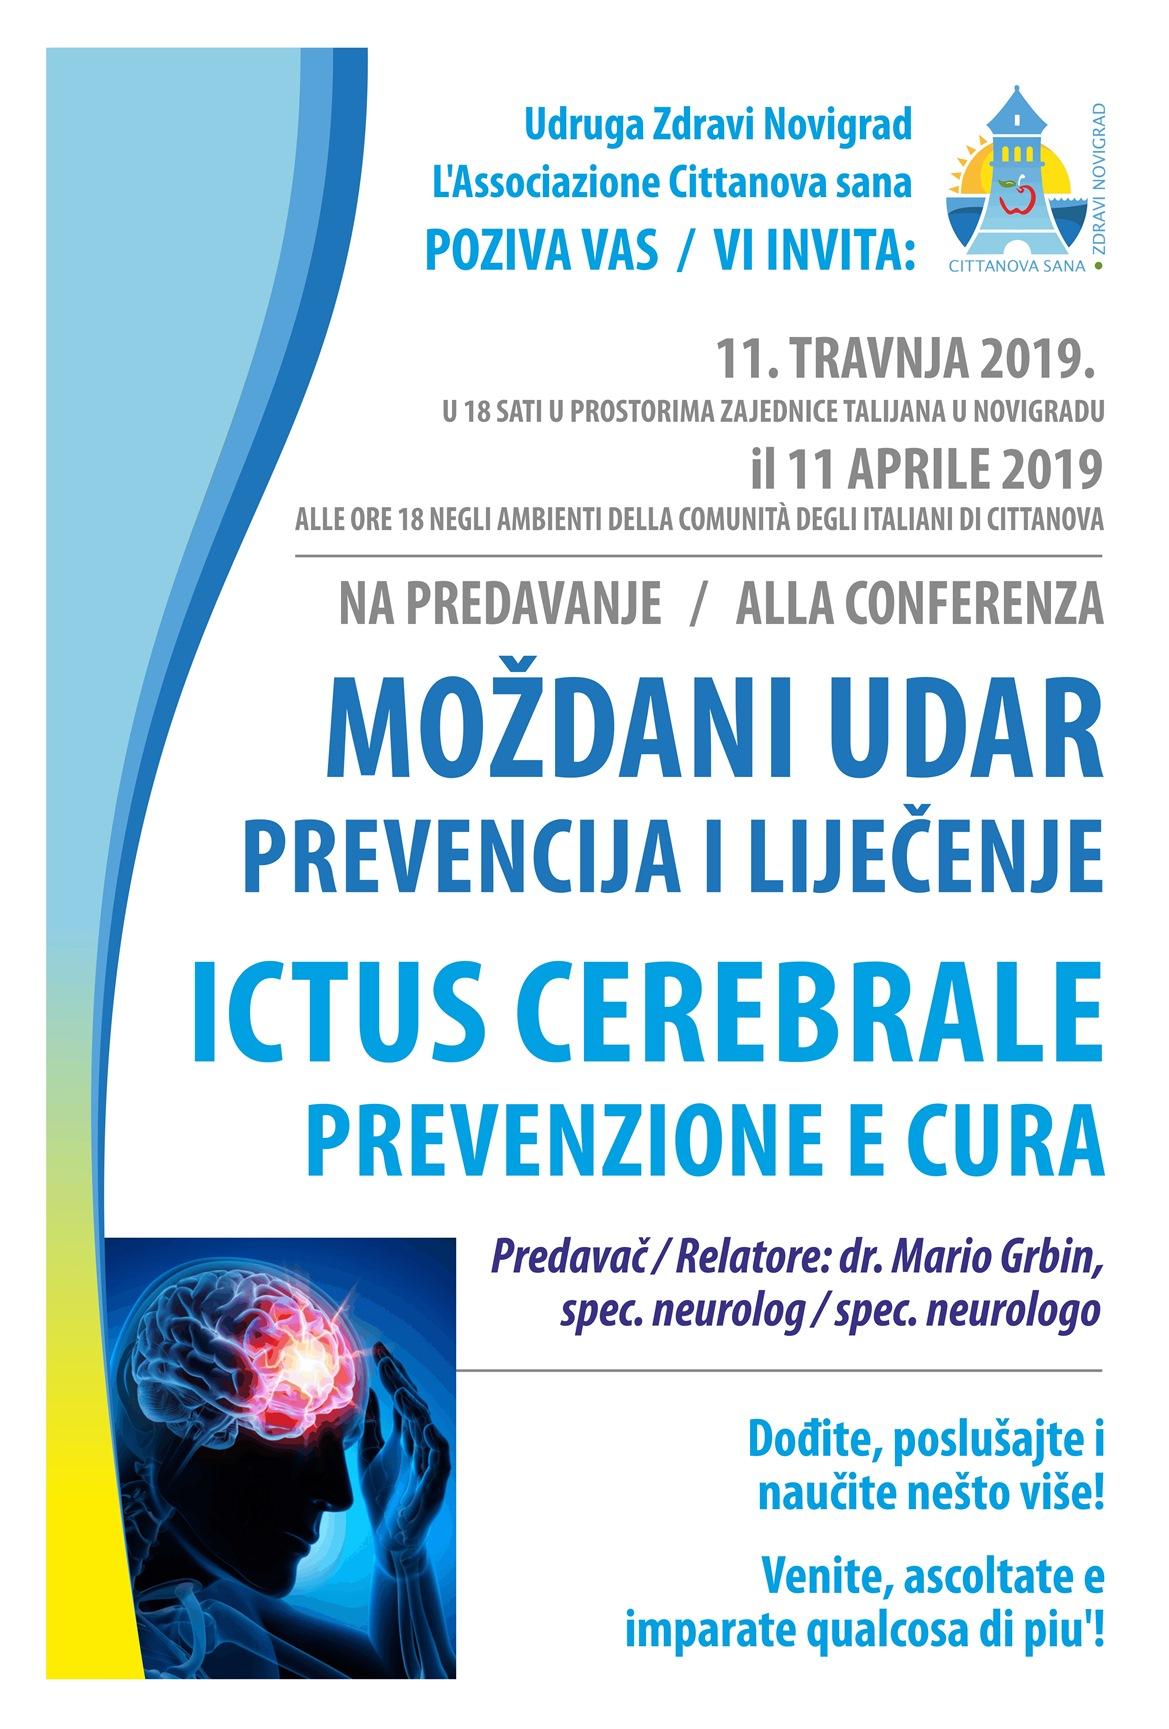 https://novigrad.hr/predavanje_dr._mario_garbin_spec_neurolog_mozhdani_udar_prevencija_i_lijech